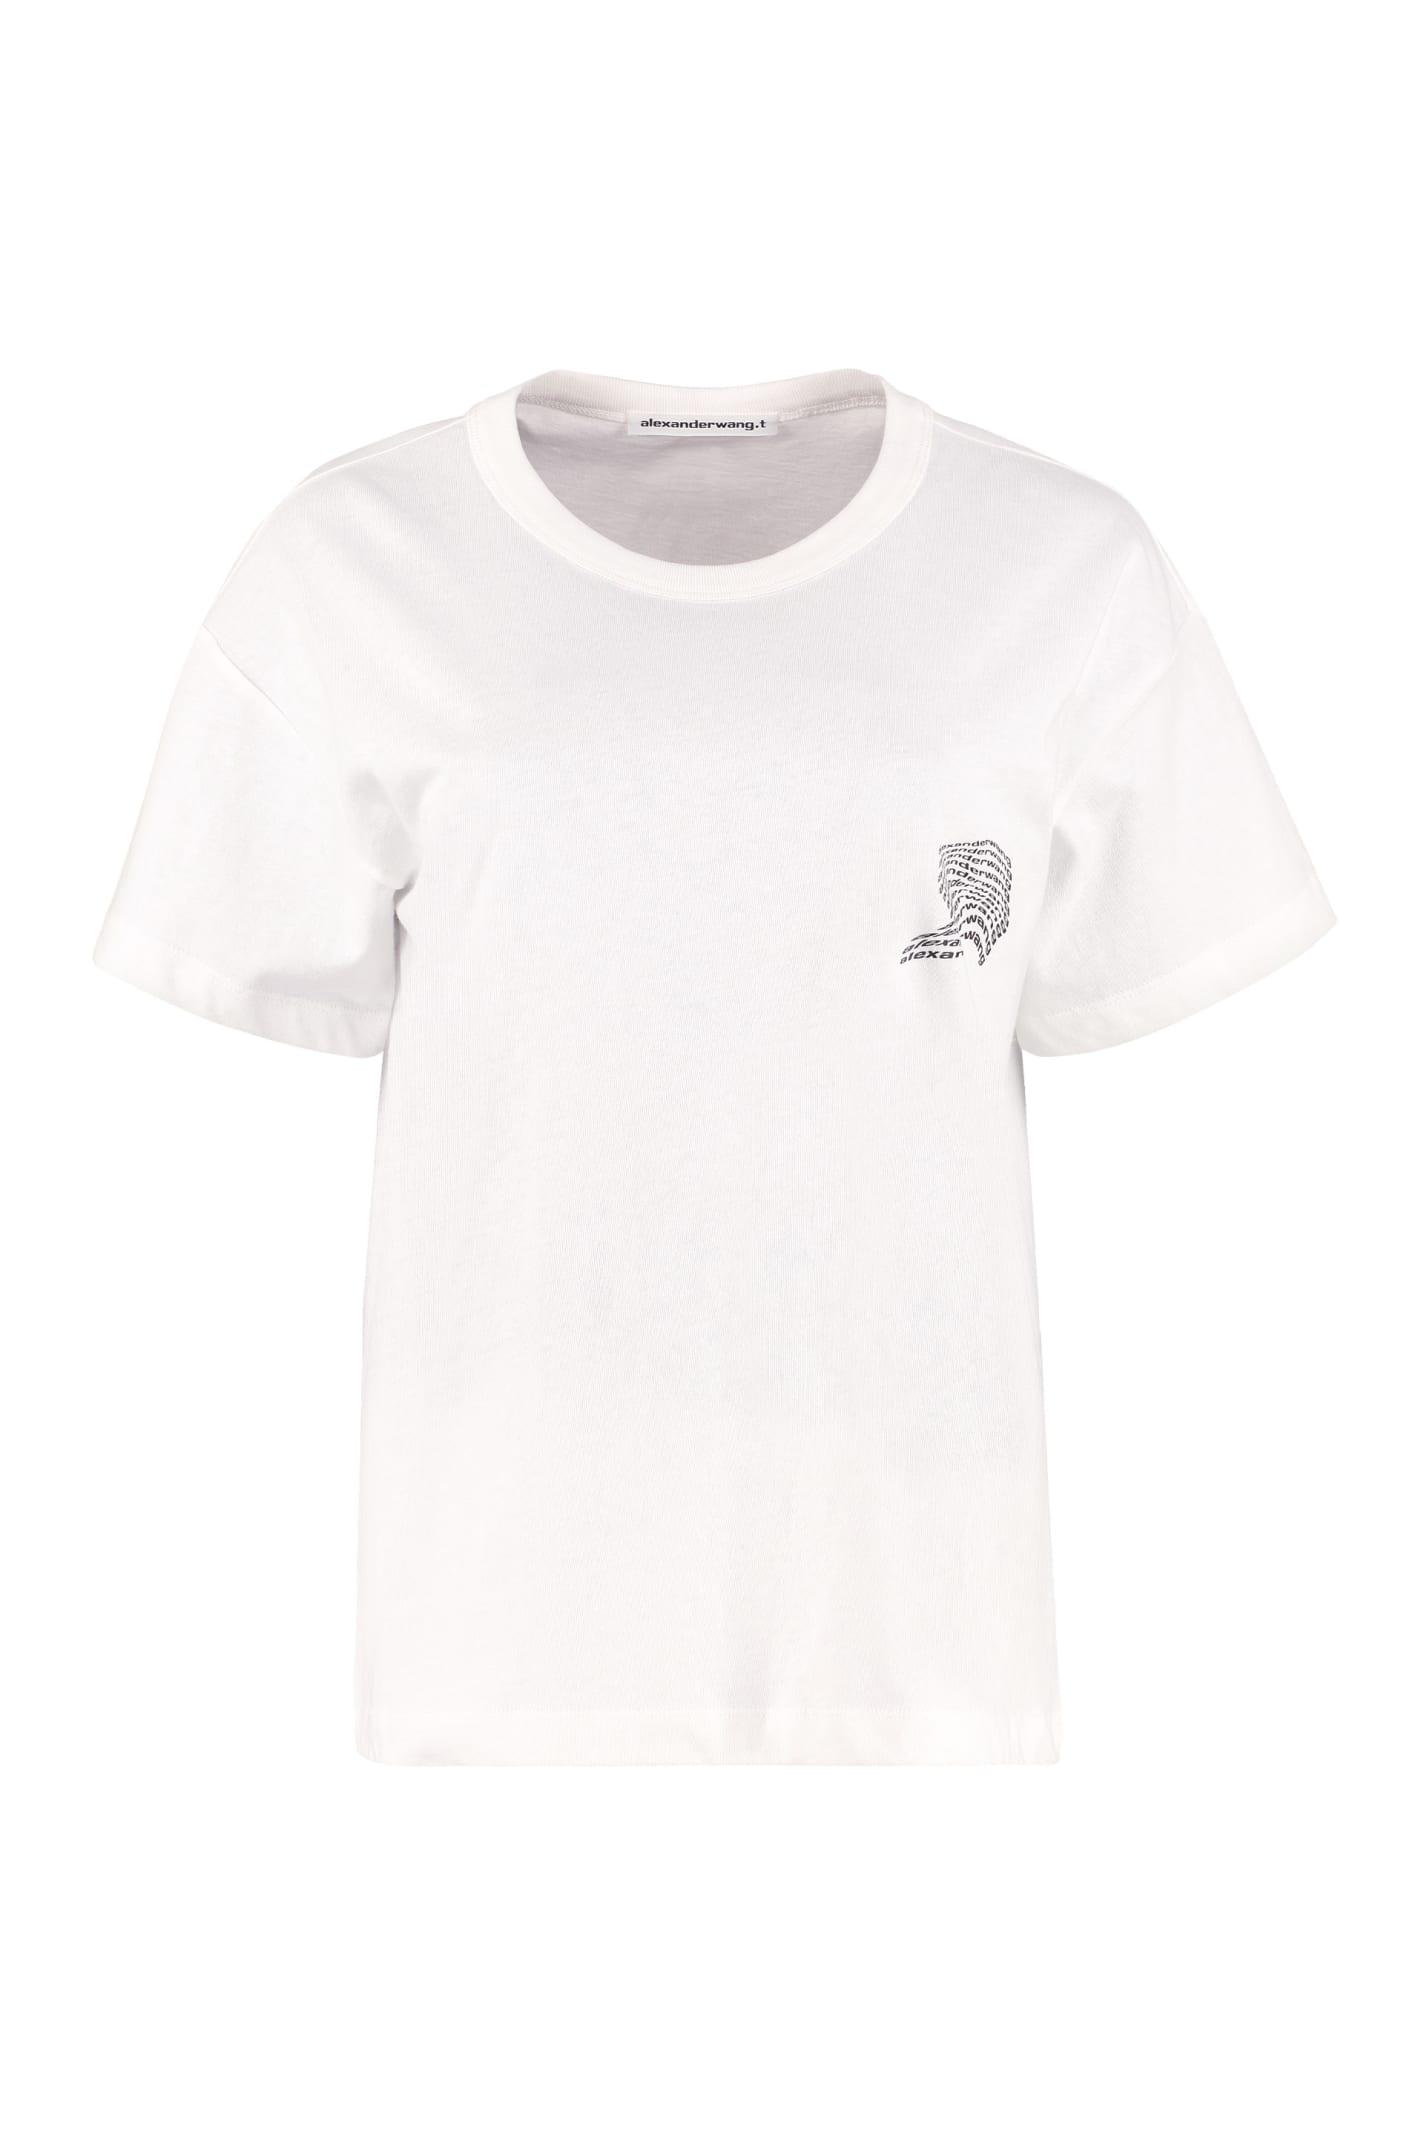 Alexander Wang Oversize Cotton T-shirt